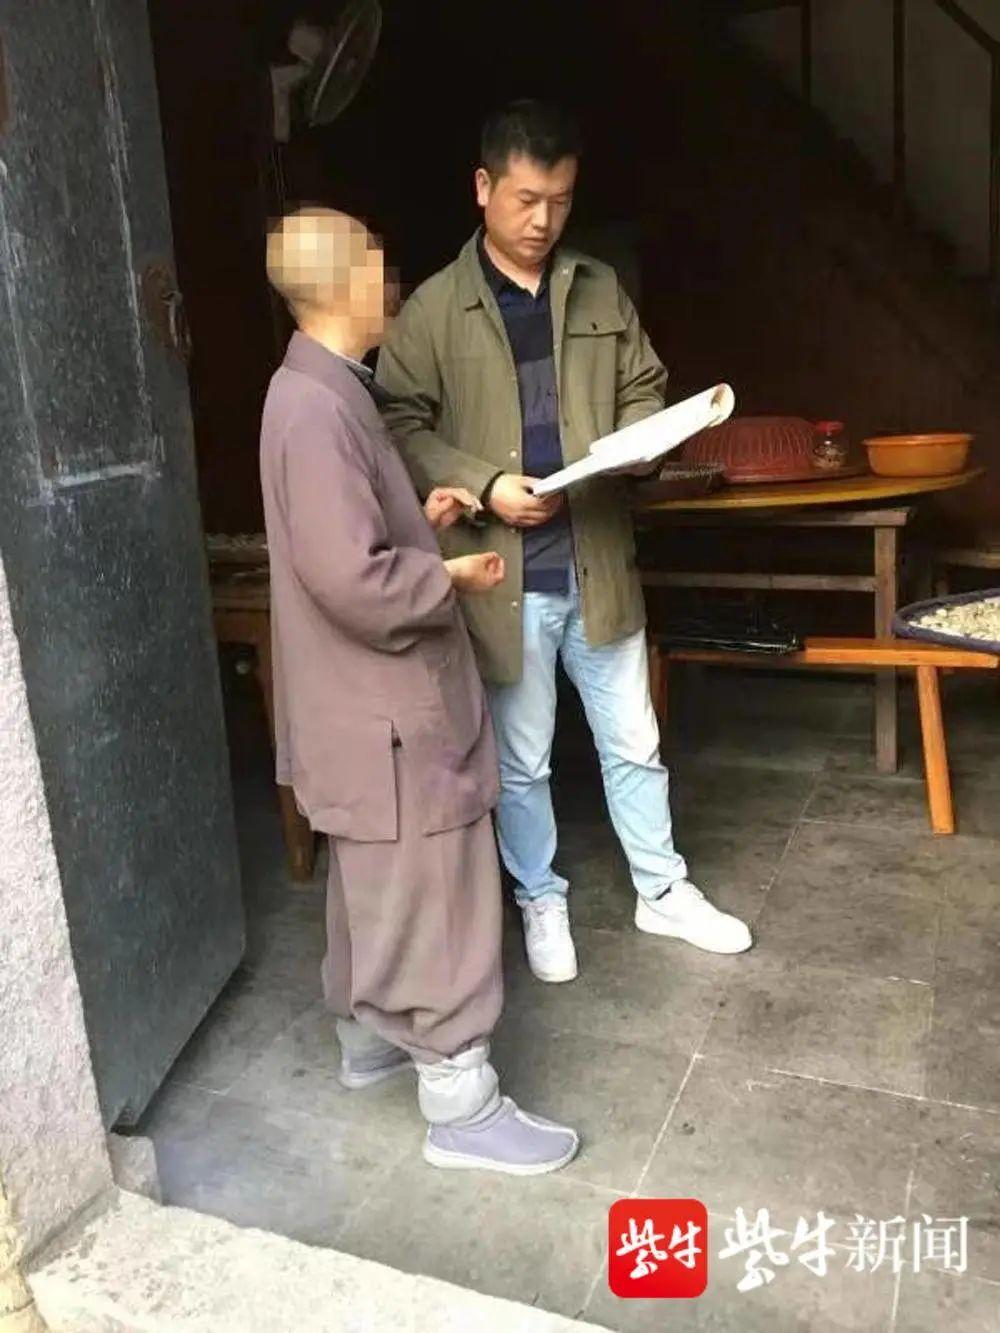 图 警方在四川正面接触嫌犯